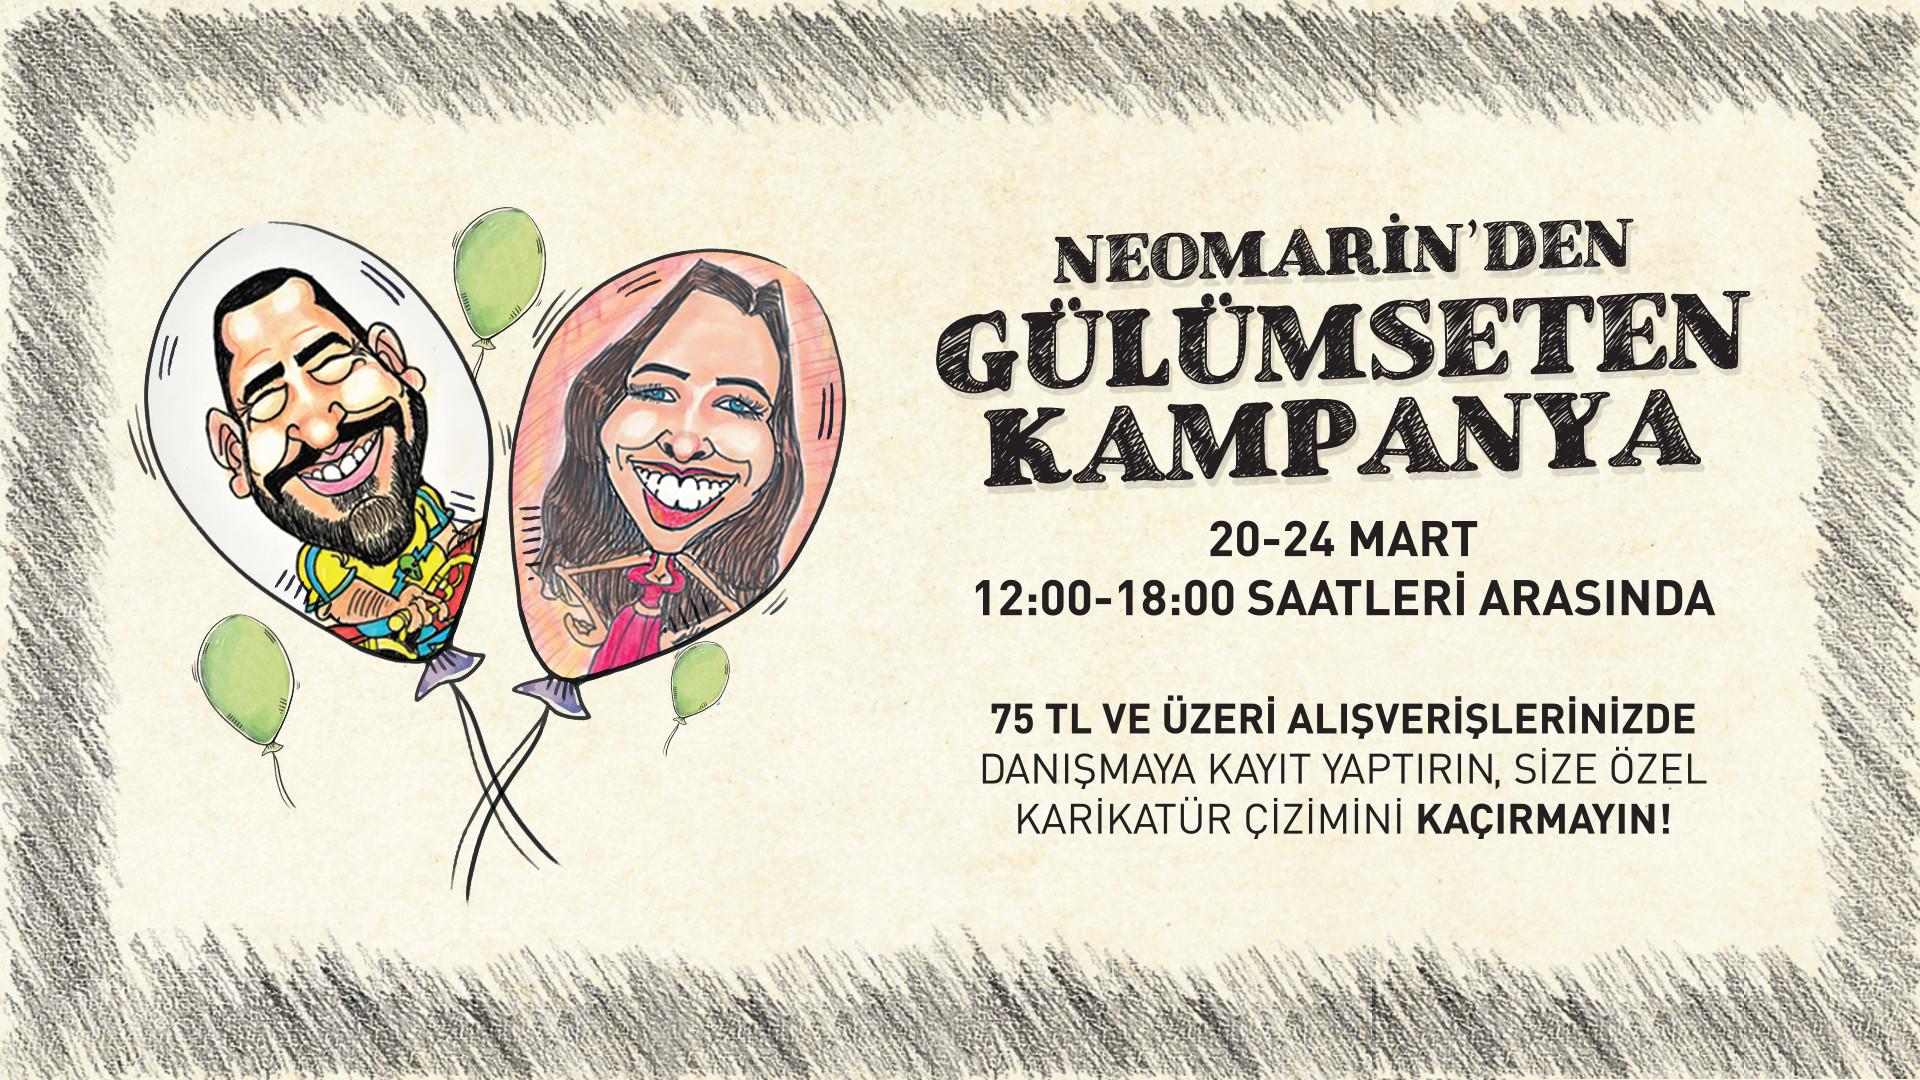 Neomarin'den Gülümseten Kampanya